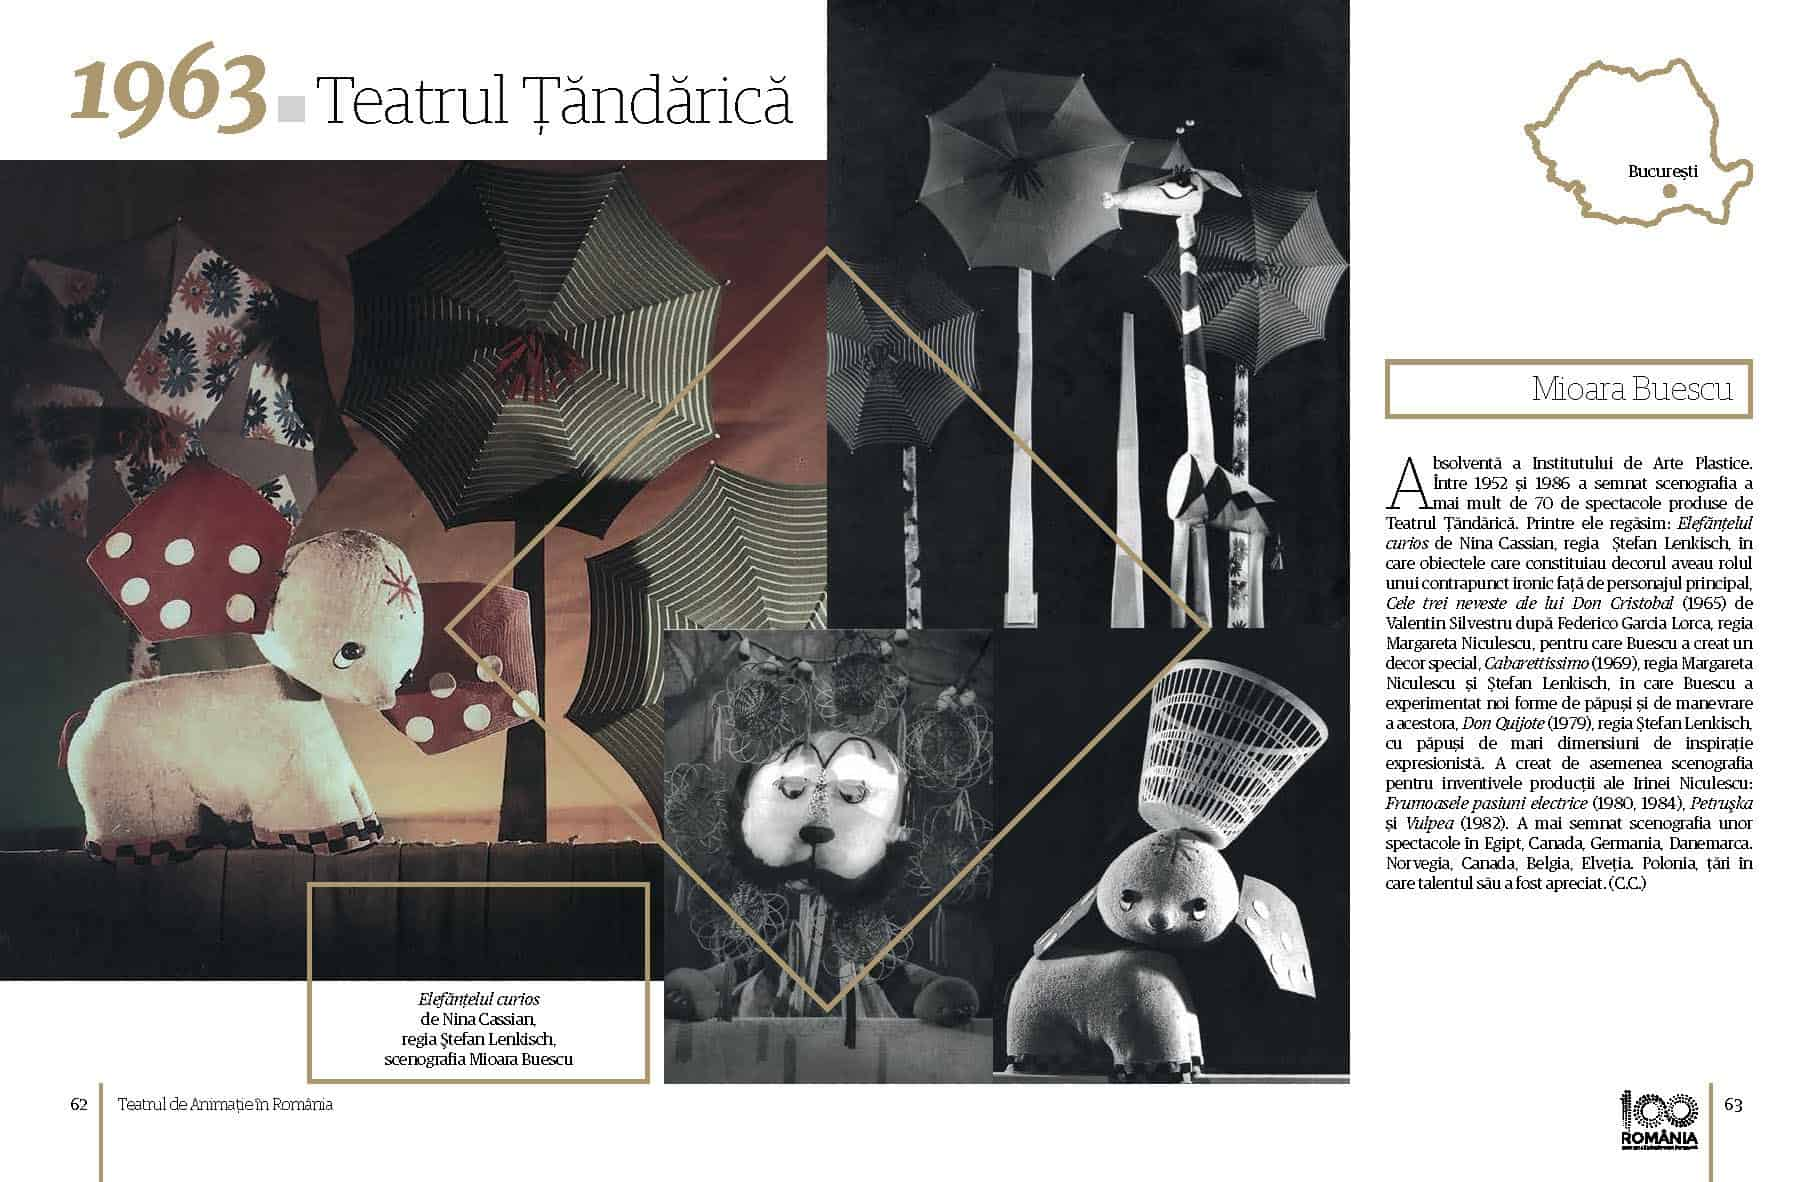 Album Teatrul de Animatie in Romania final preview fata in fata Page 32